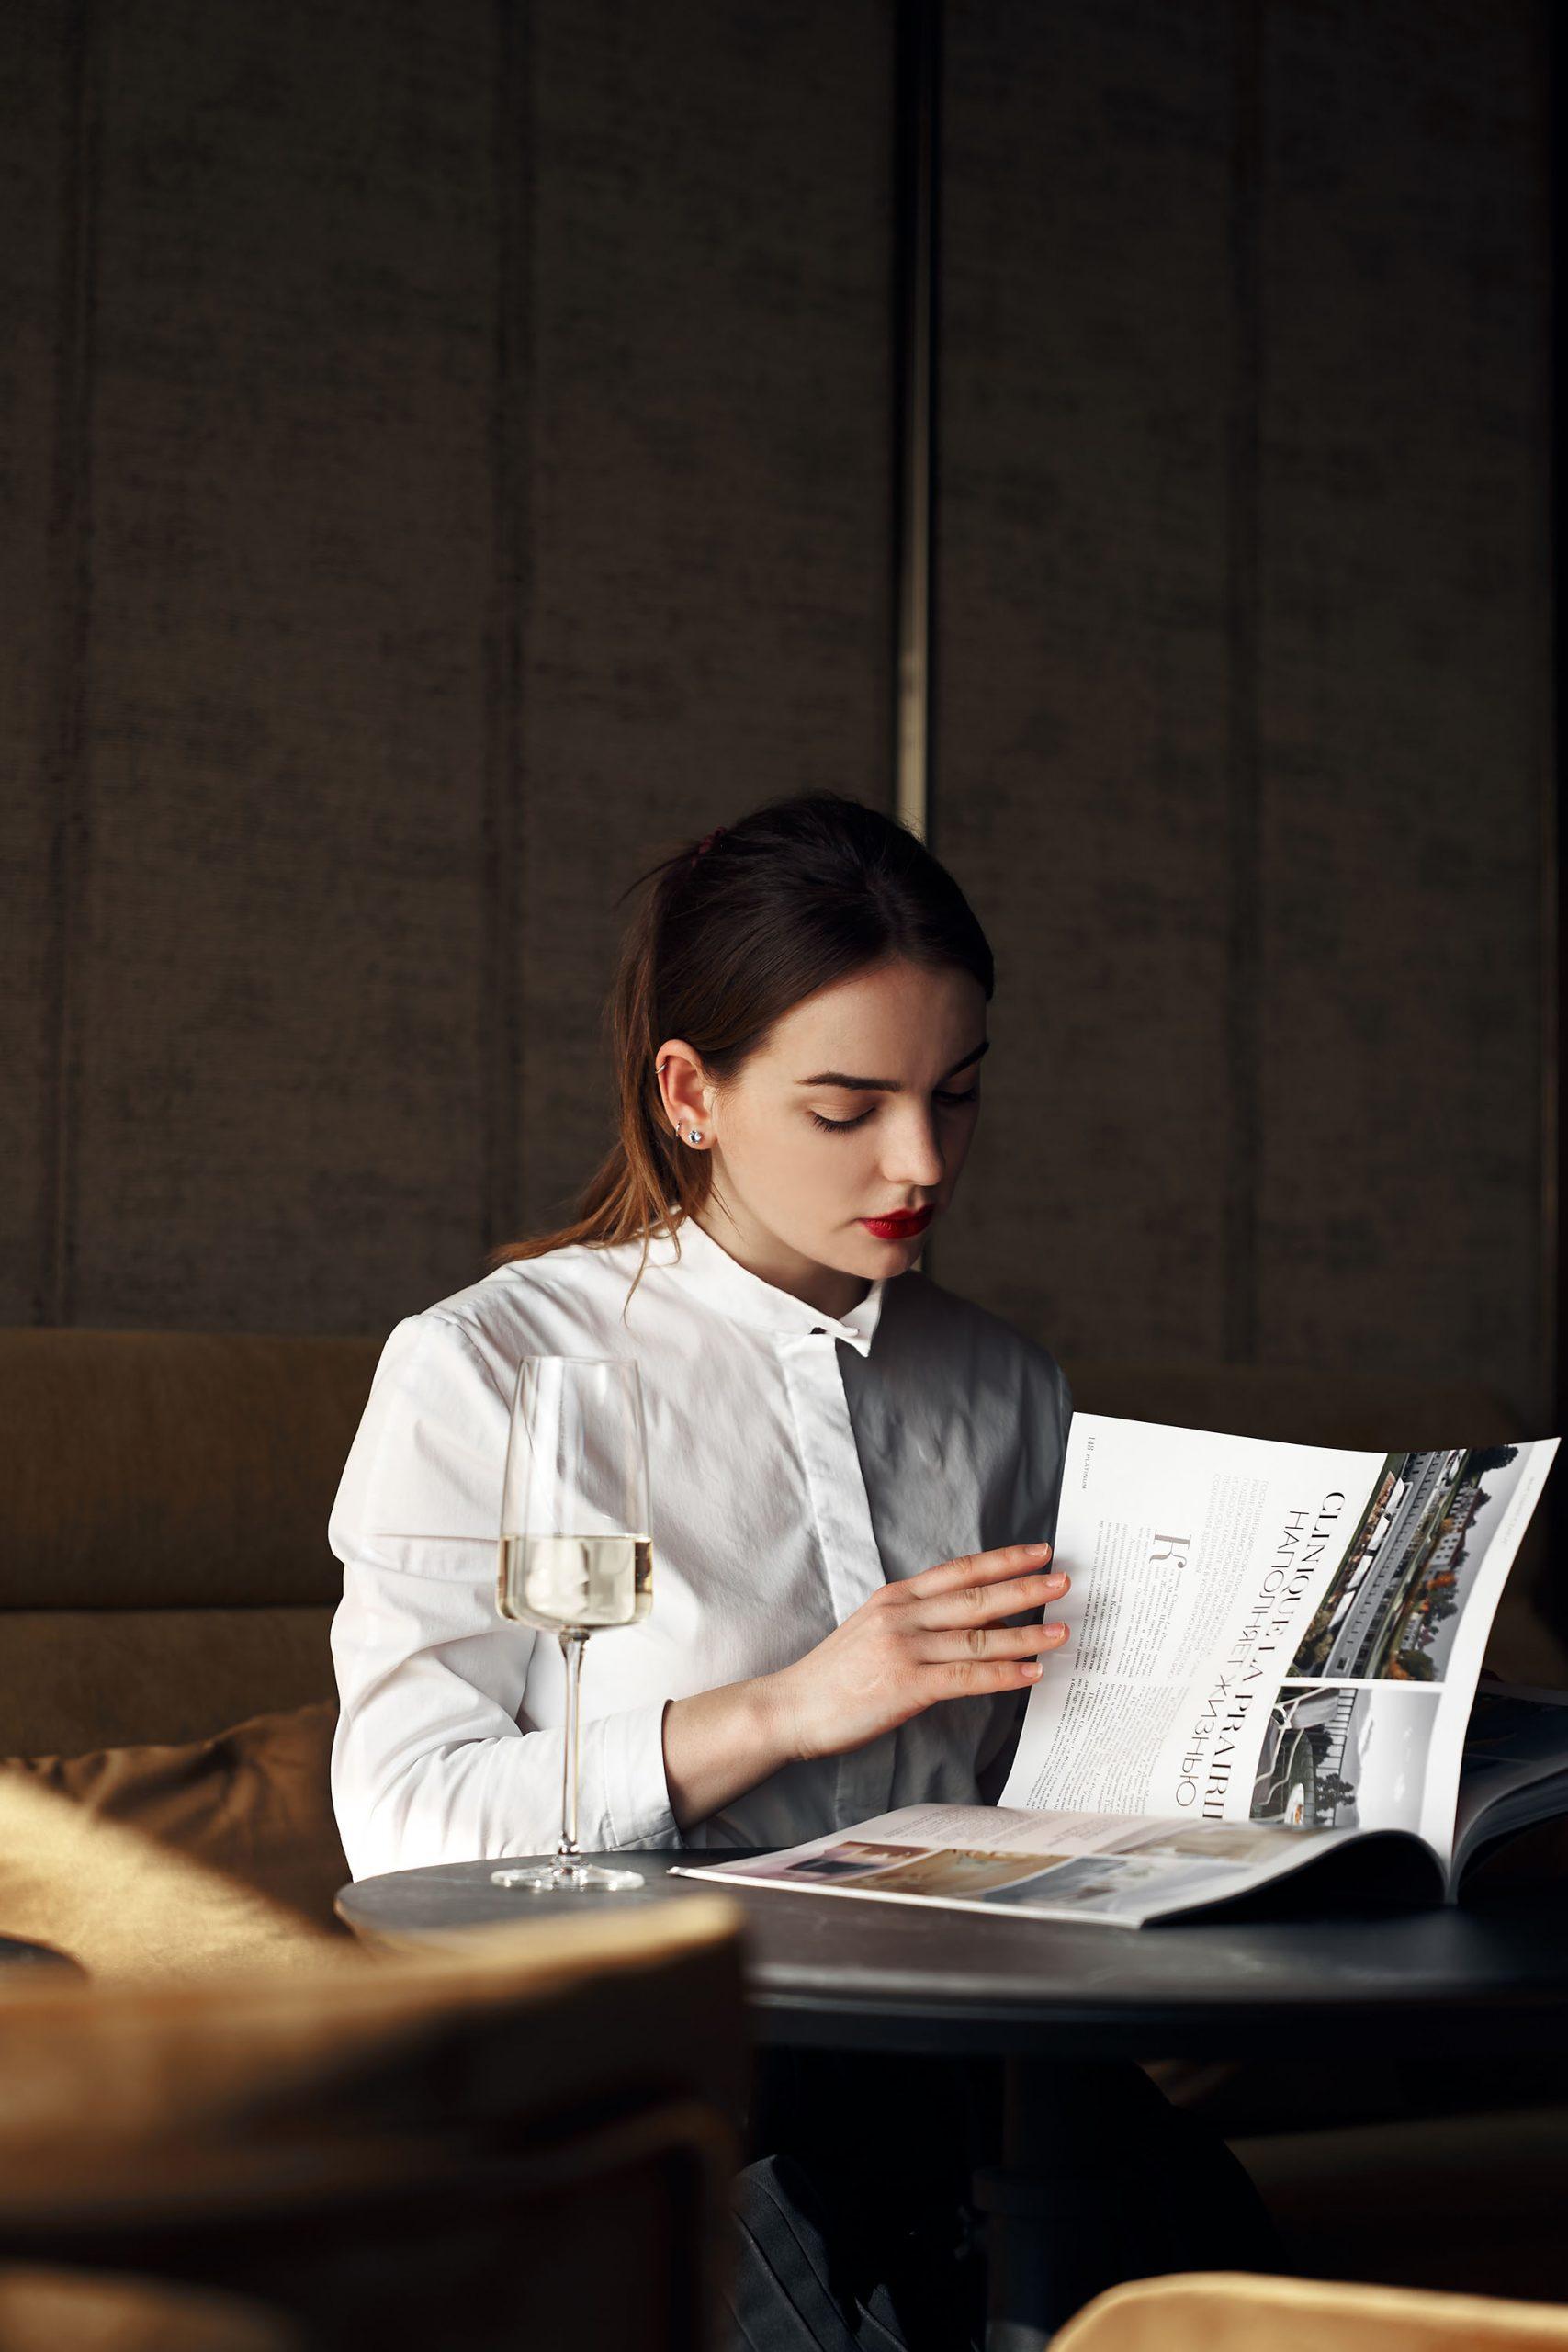 Thói quen đọc sách lành mạnh vào buổi sáng